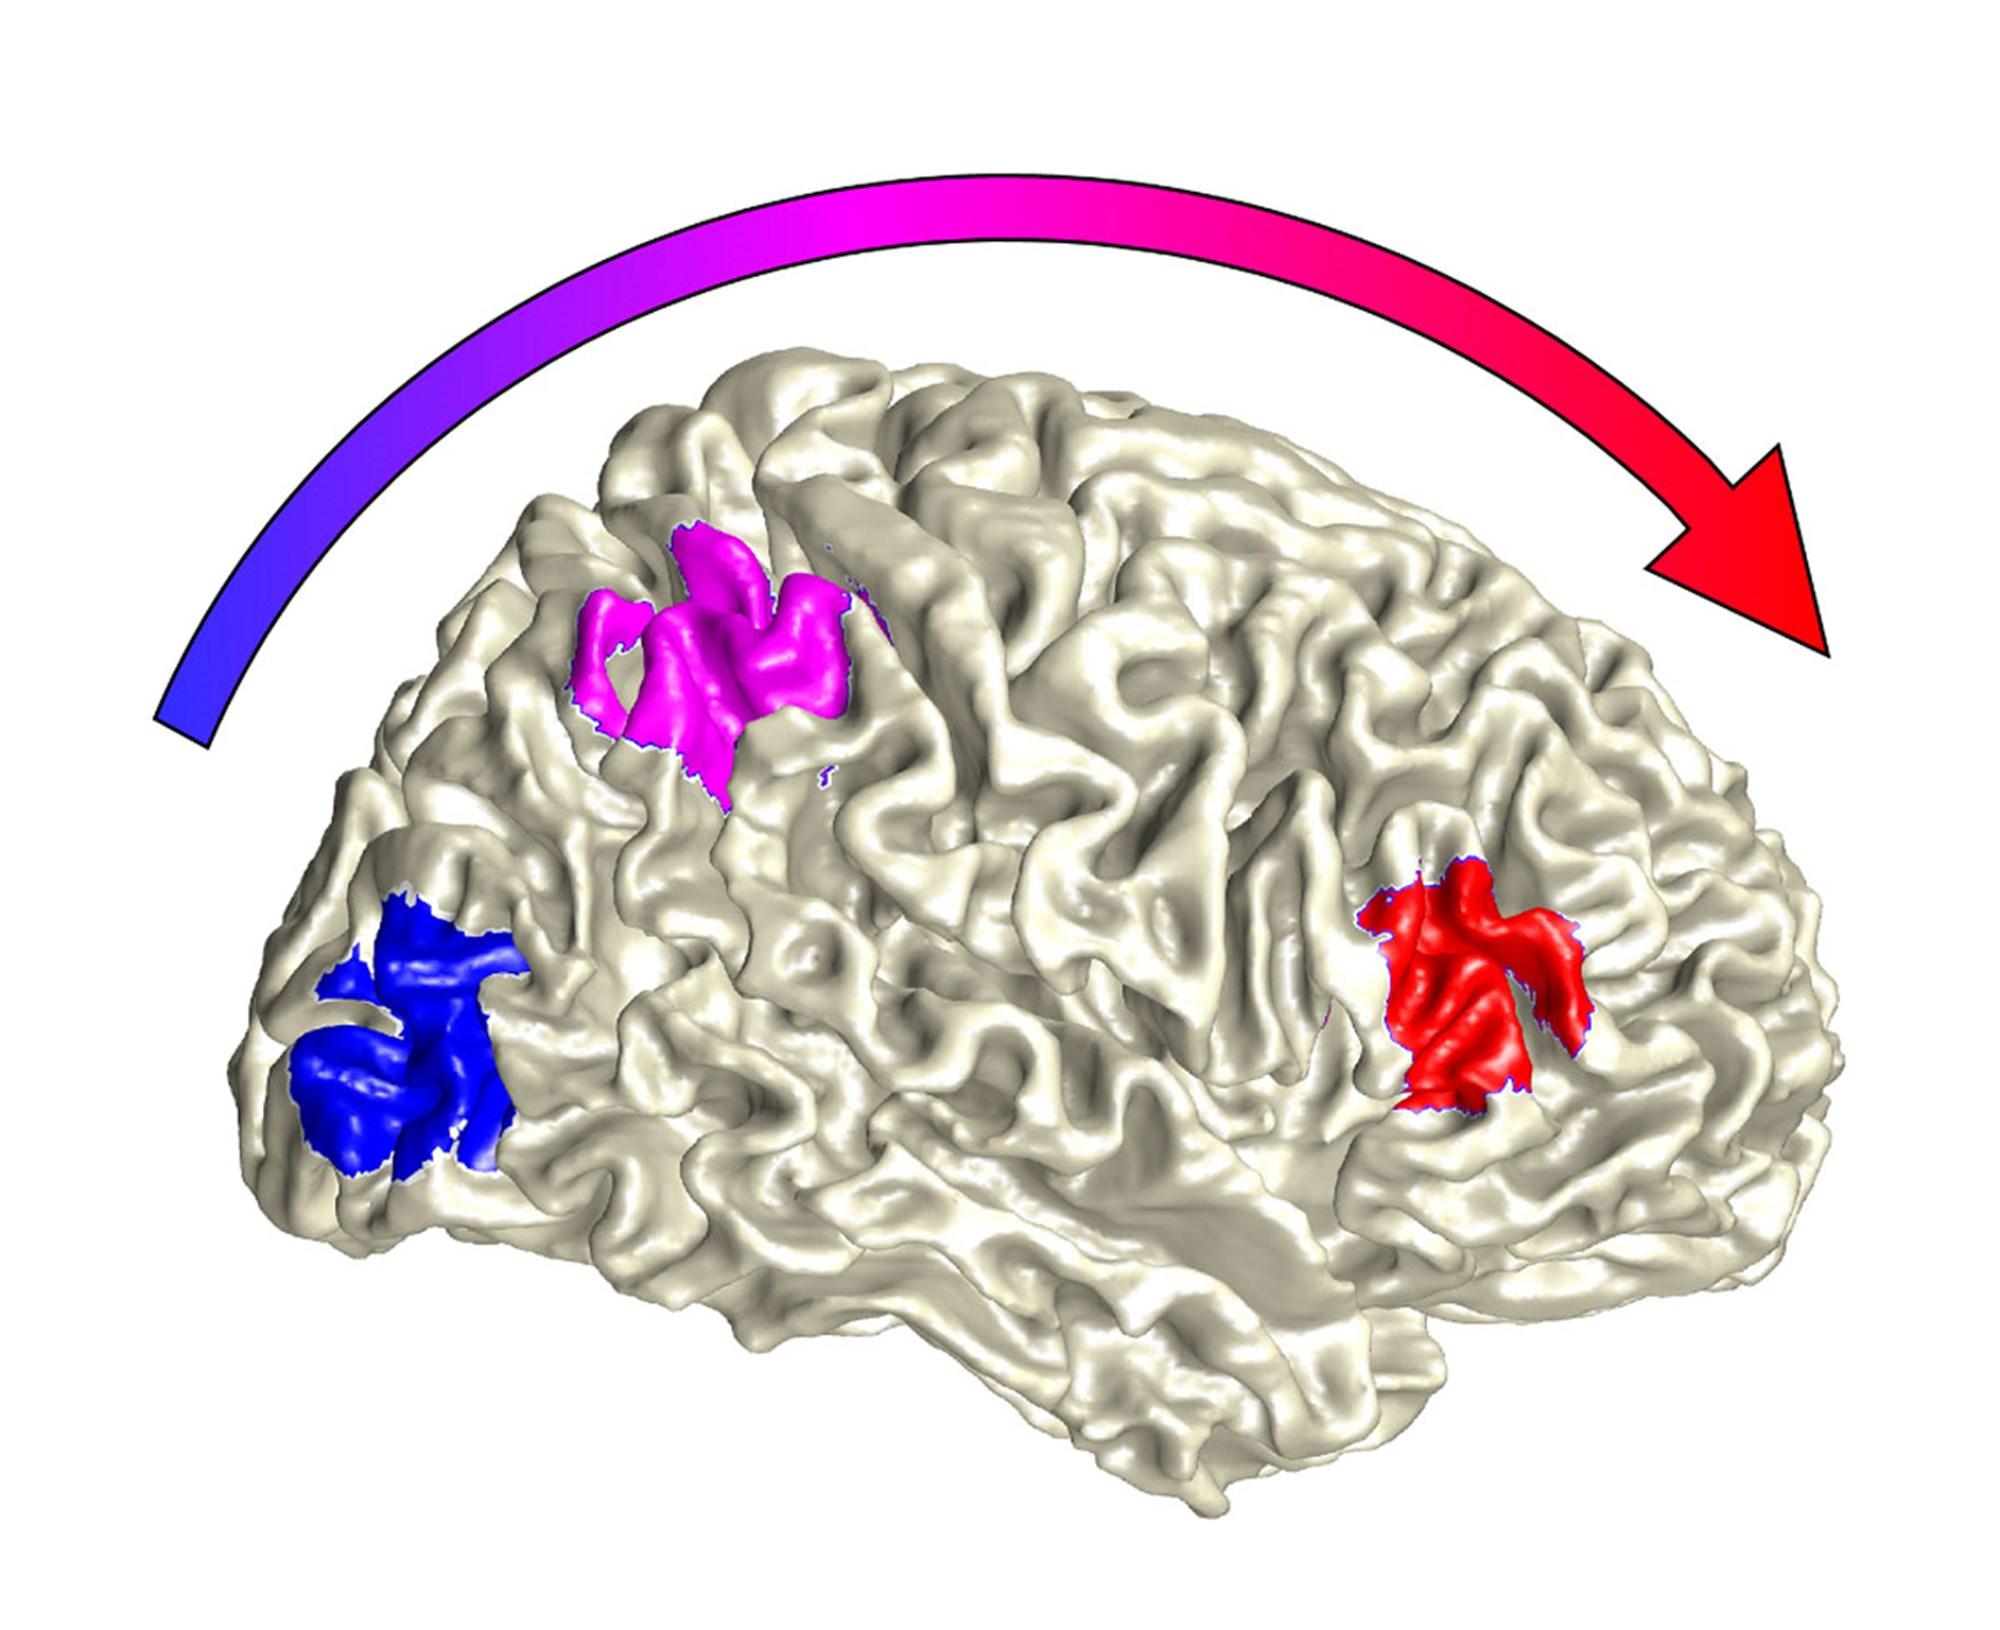 Unser Gehirn kombiniert Sinneseindrücke nur, wenn dies sinnvoll ist – derStandard.at